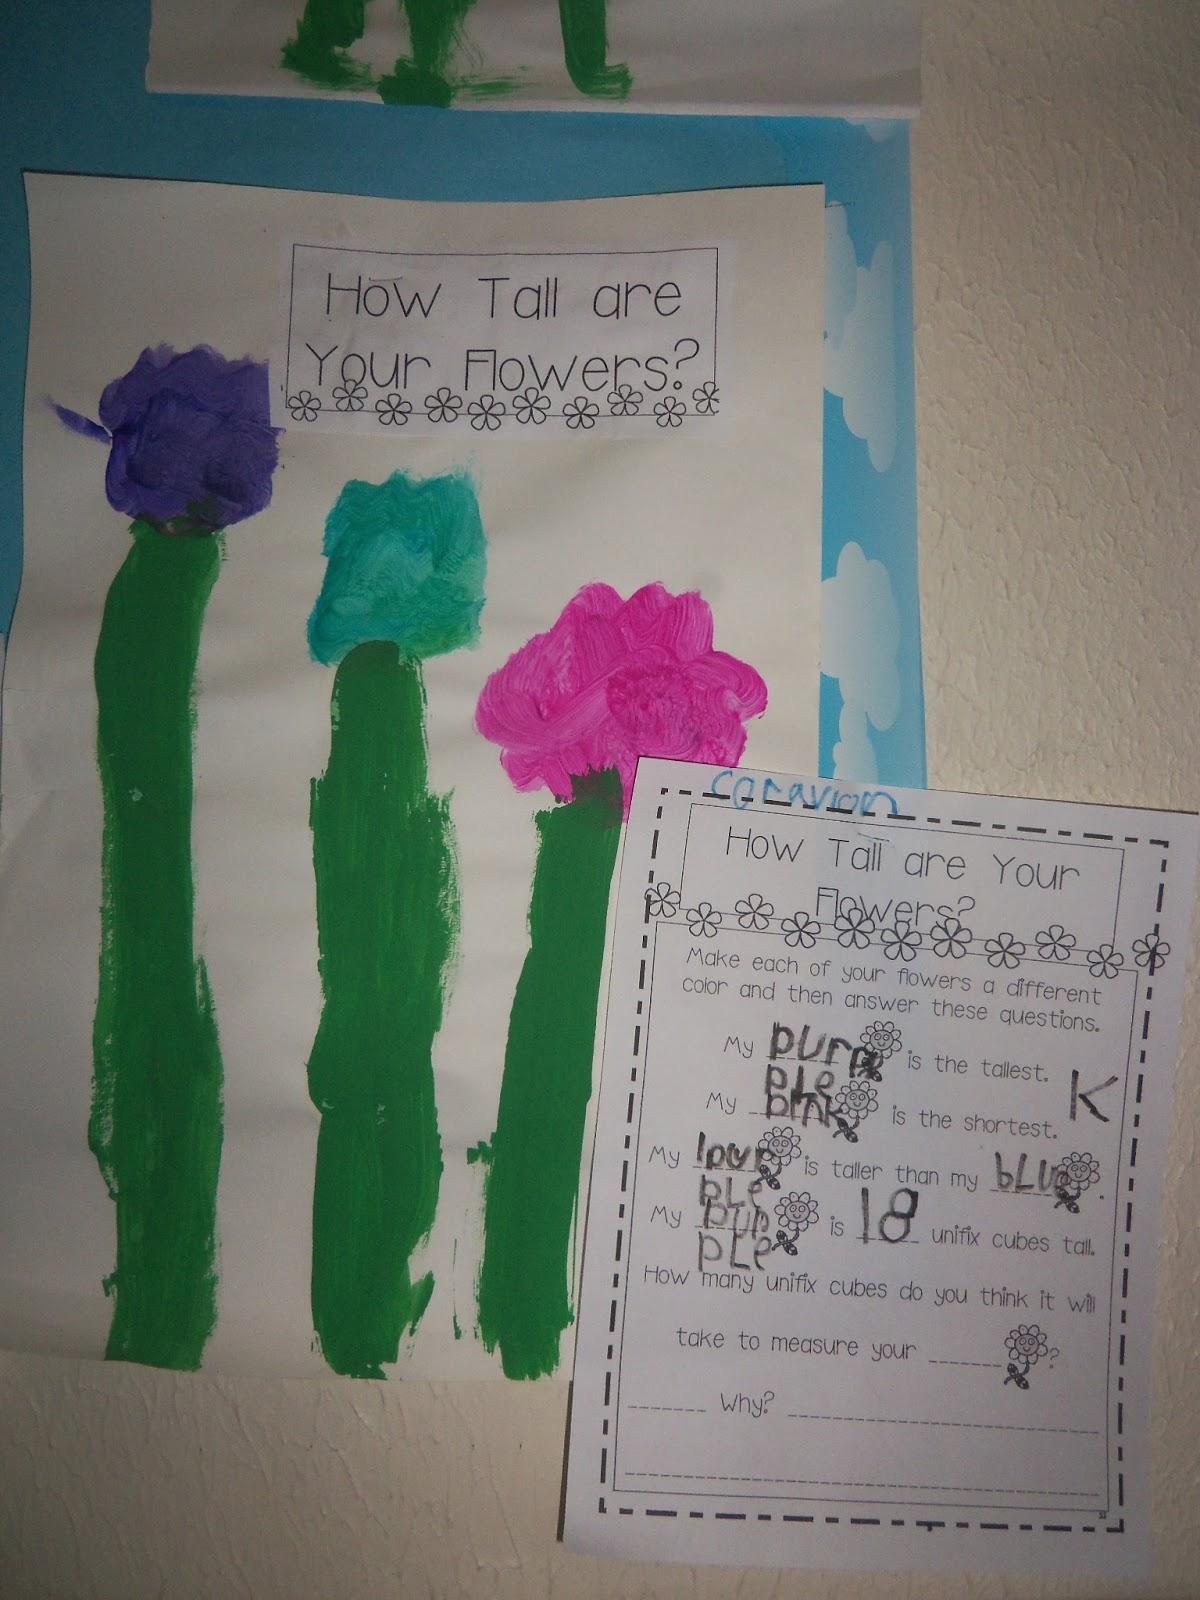 Kinder Garden: Mrs. Wood's Kindergarten Class: Flower Measurement